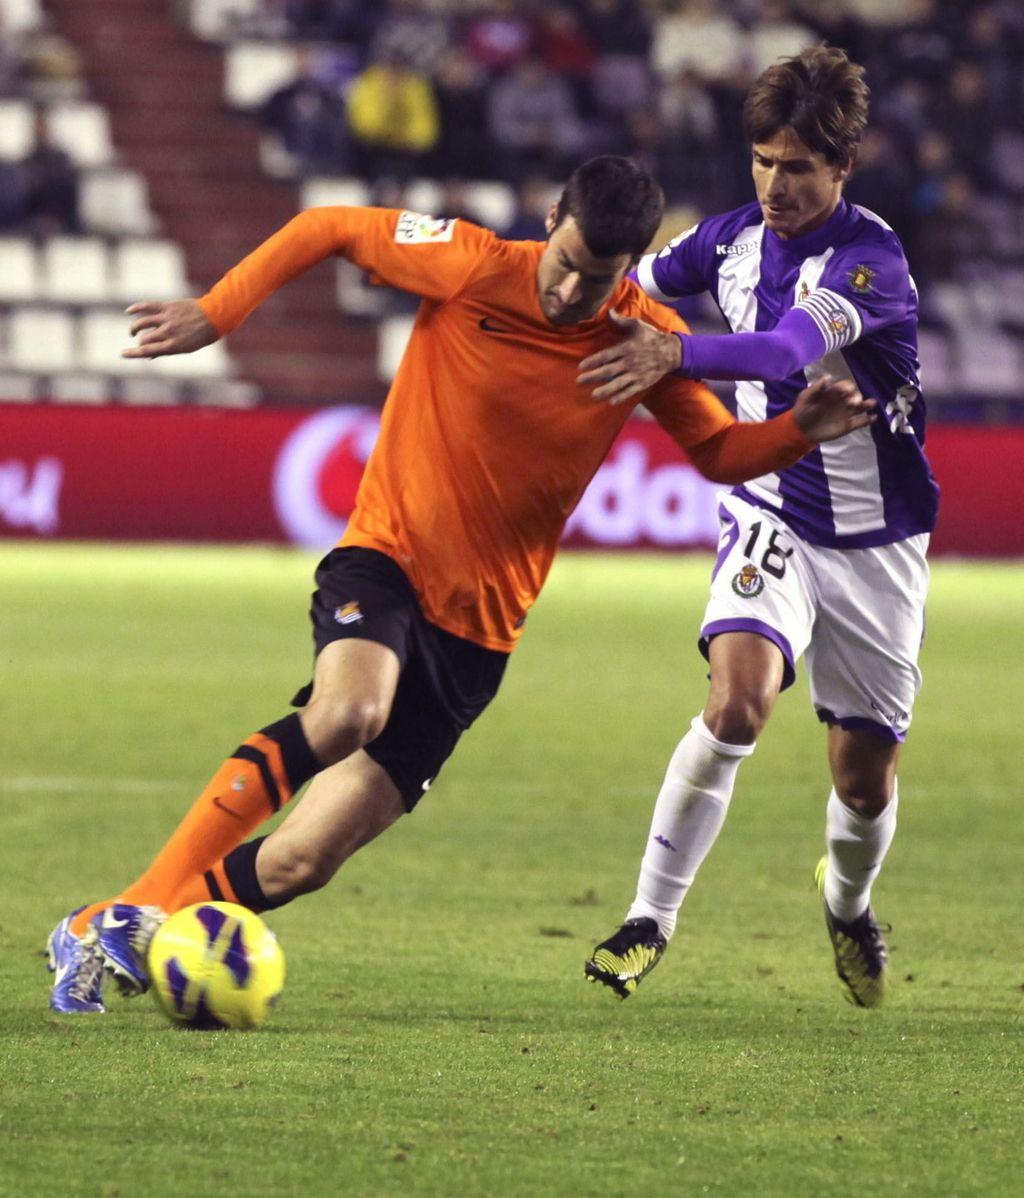 El delantero de la Real Sociedad, Imanol Agirretxe (i), se lleva el balón ante el acoso del defensor del Real Valladolid, Álvaro Rubio